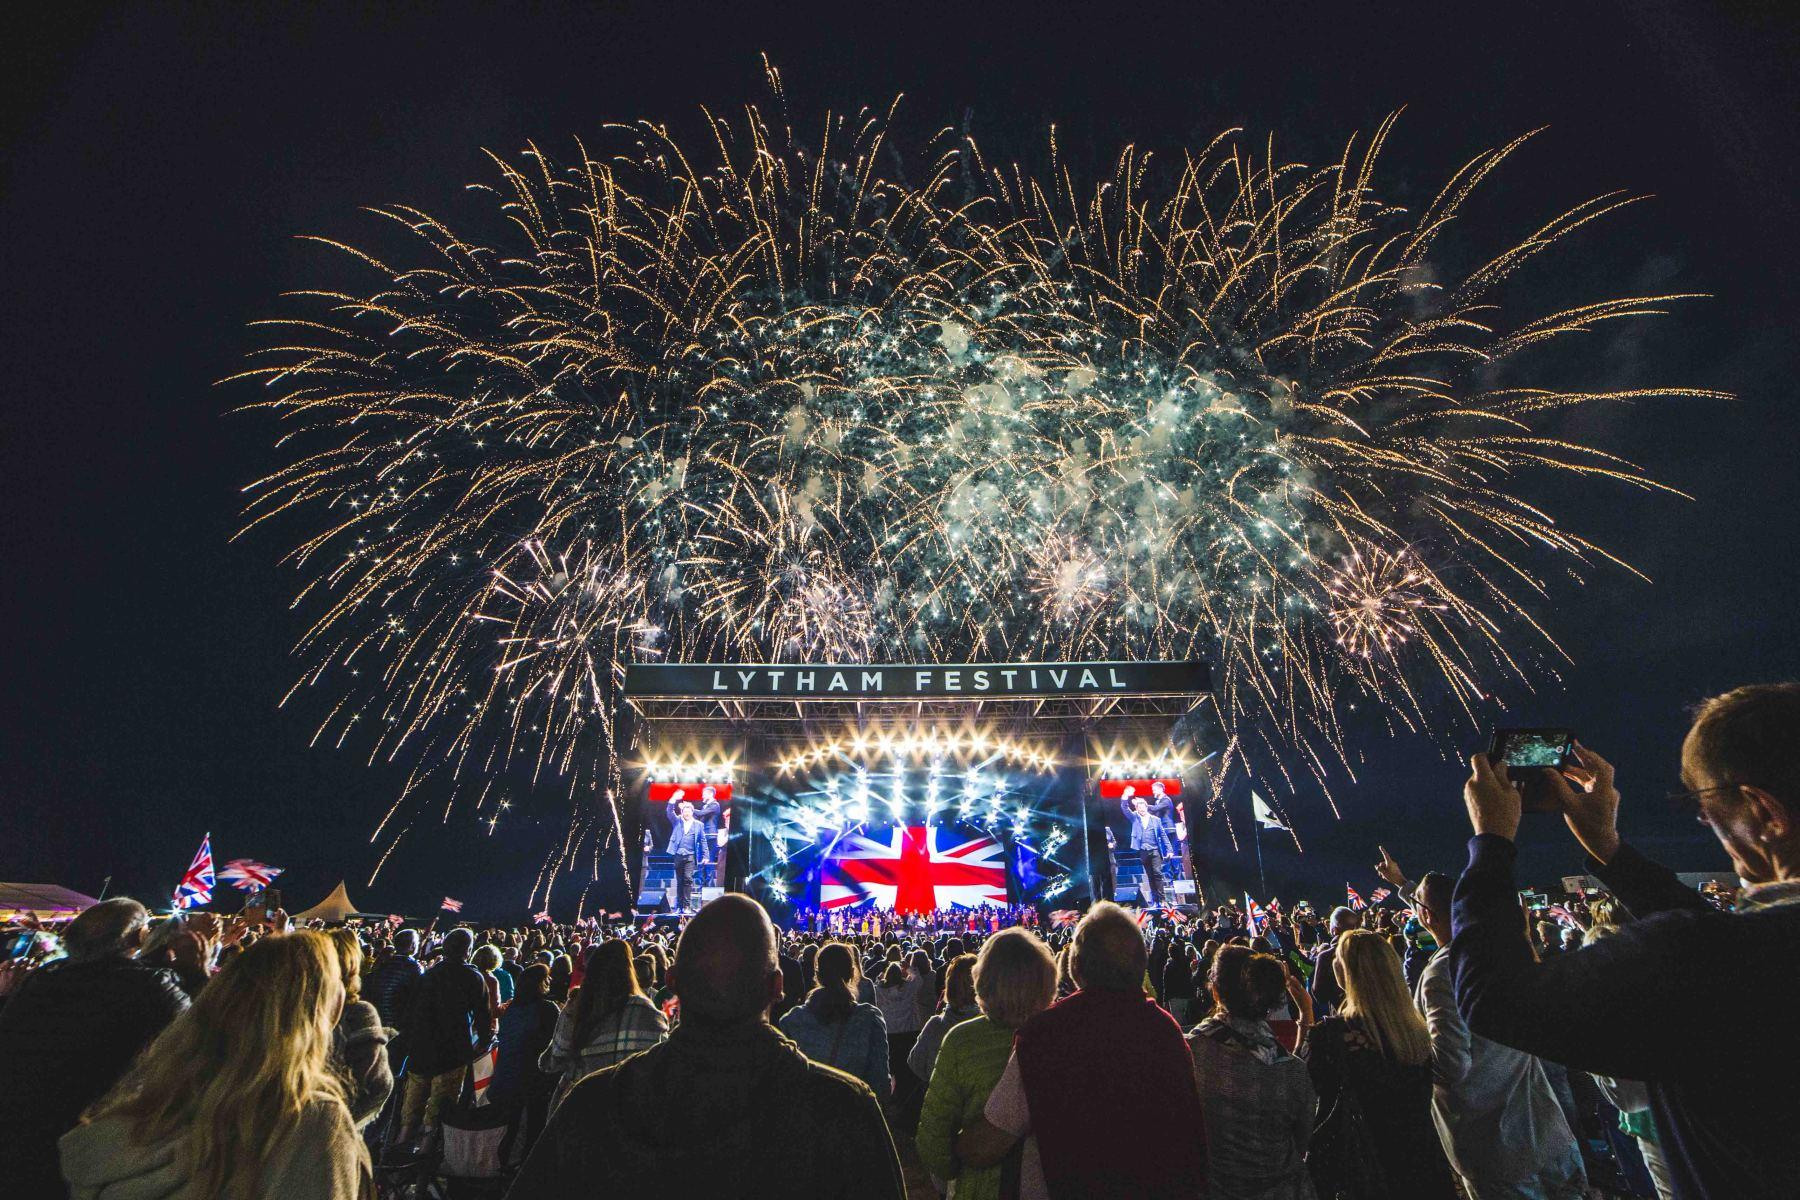 HOLLYWOOD PROMS LYTHAM FESTIVAL